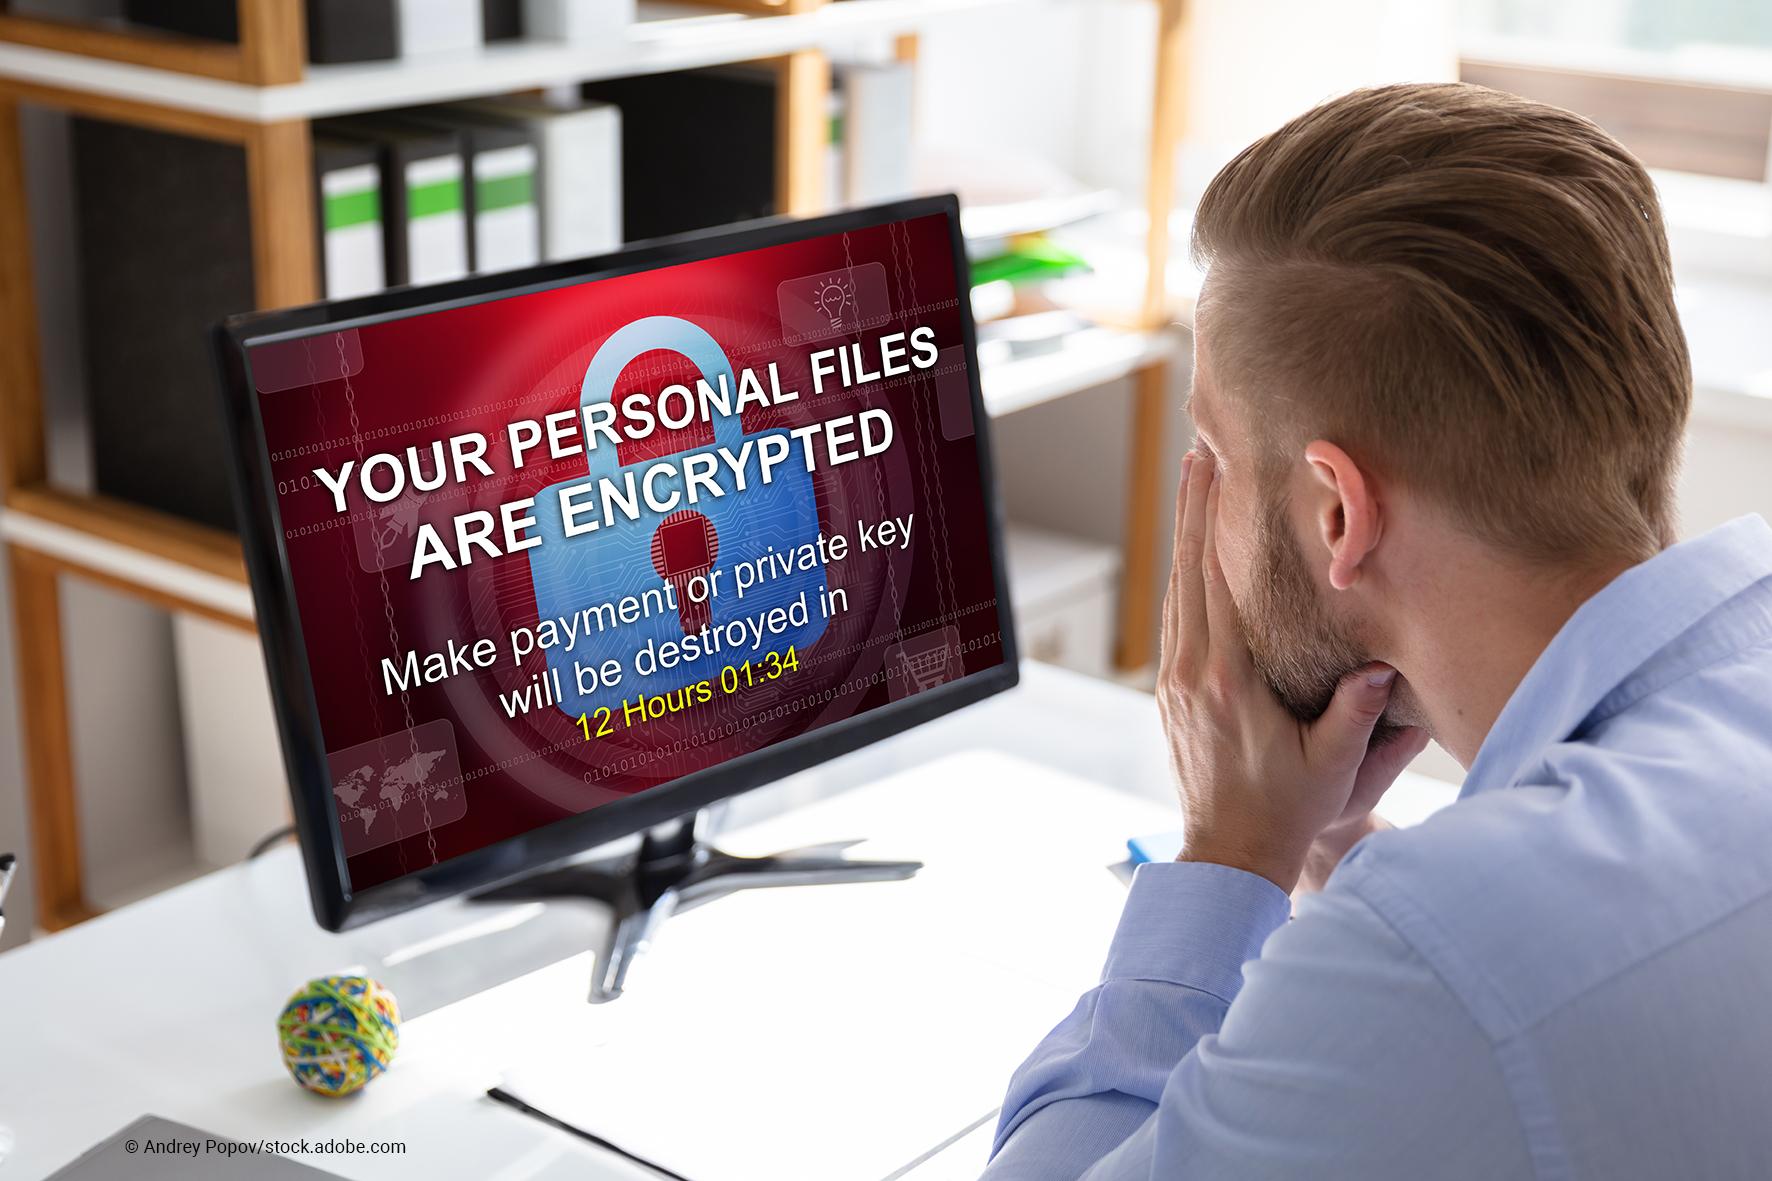 Datensicherung gehackt